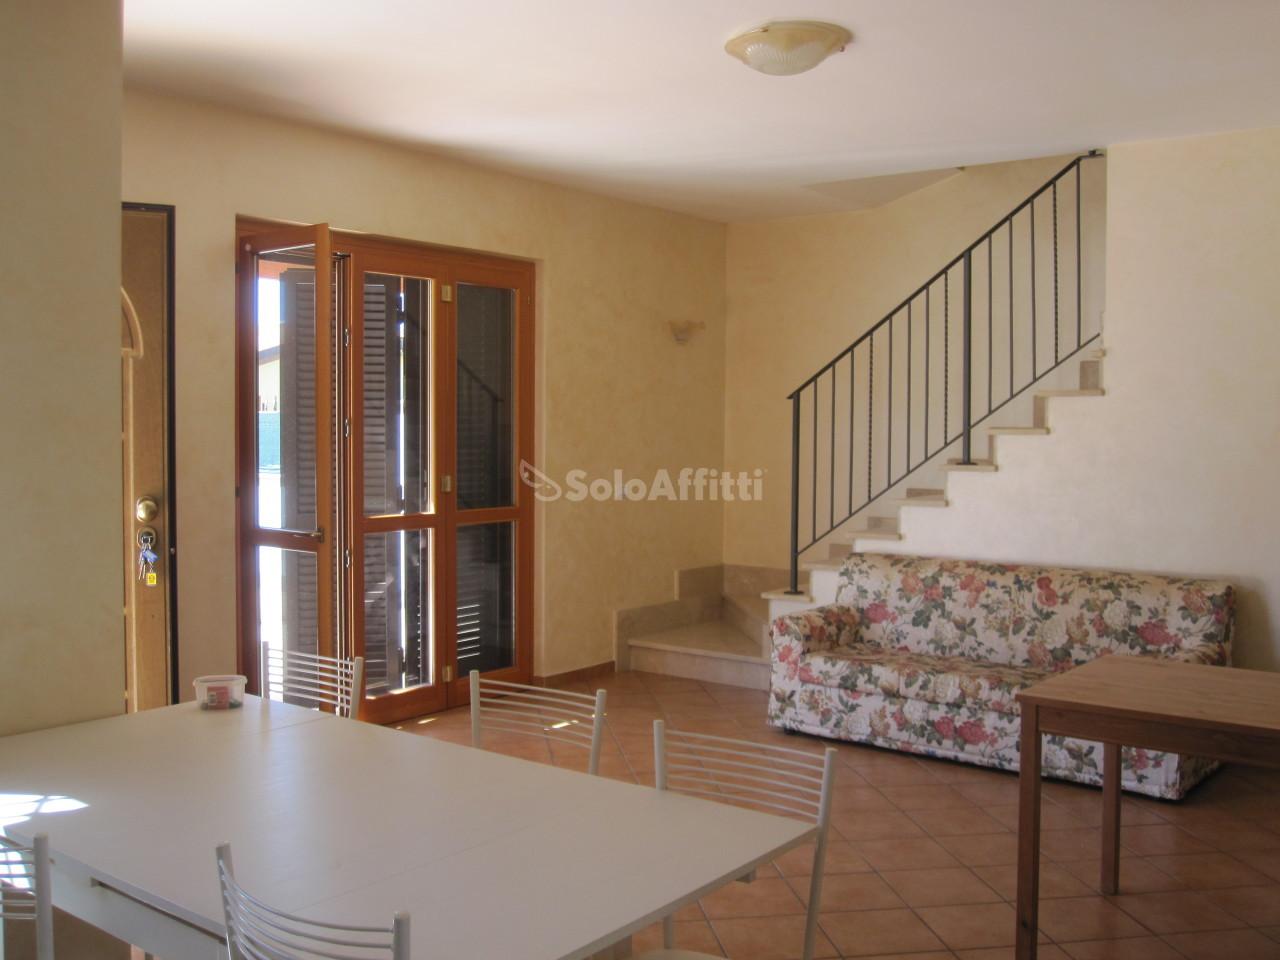 Villa Bifamiliare Arredato 6 vani